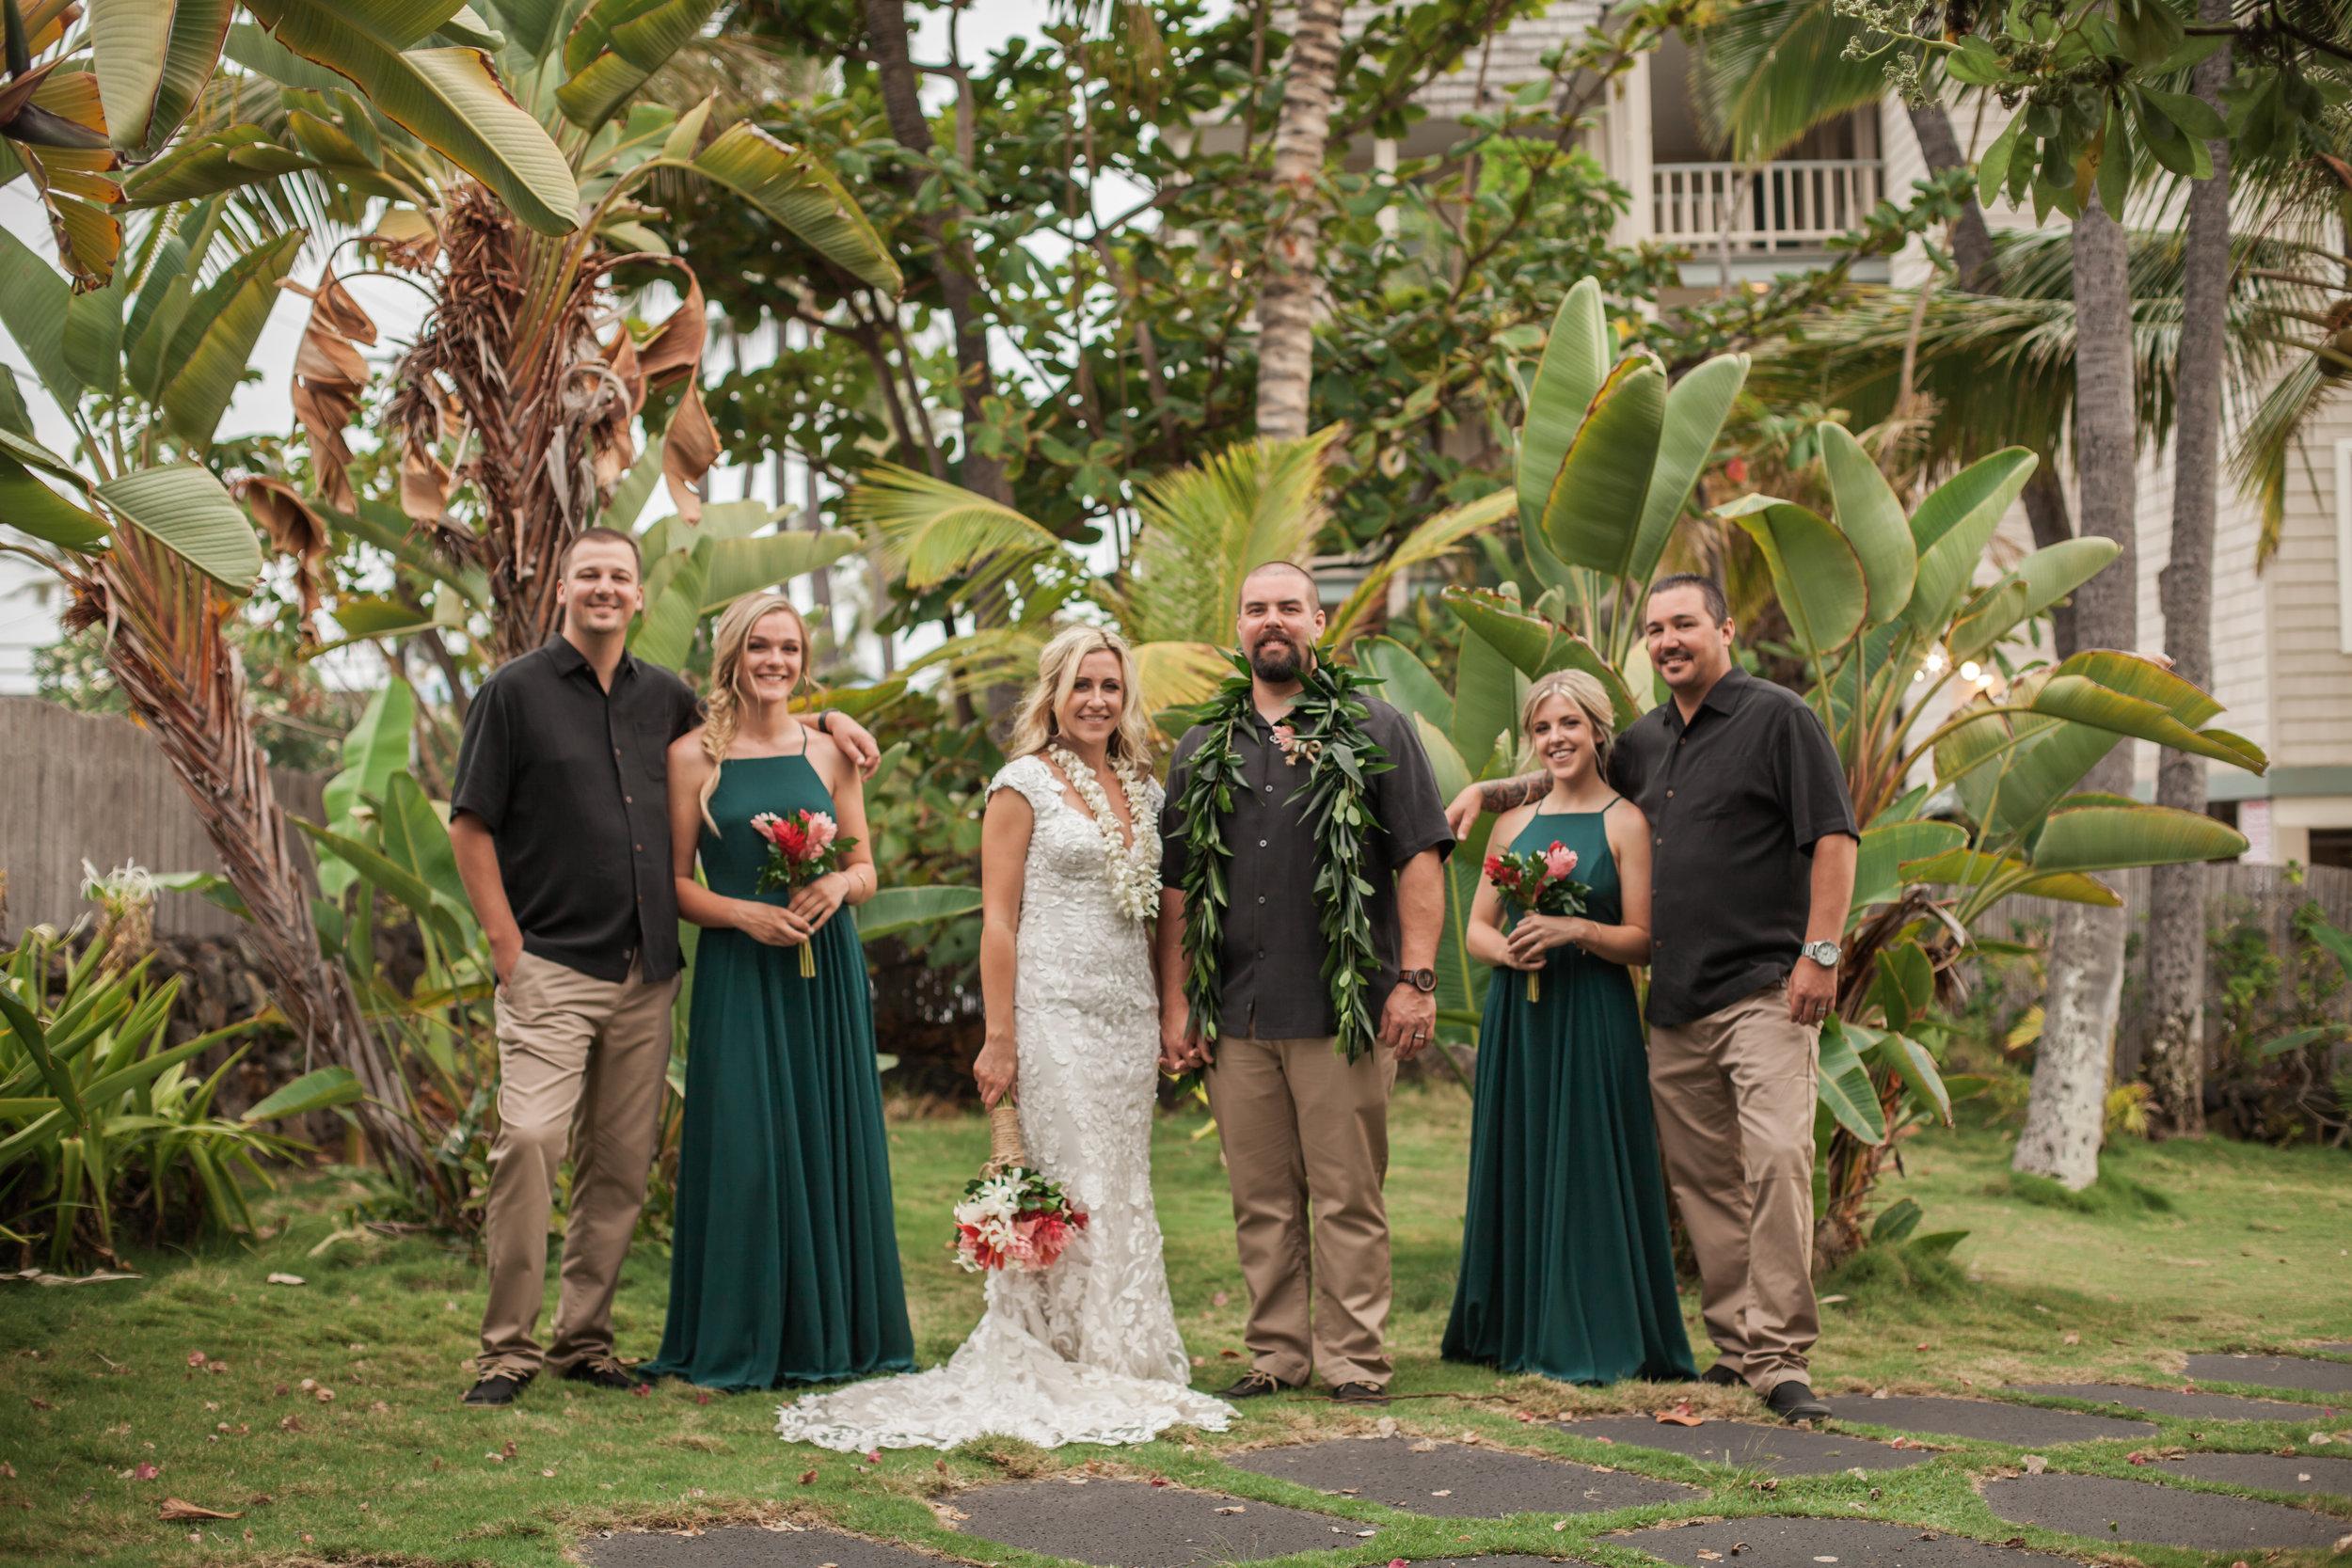 big island hawaii royal kona resort beach wedding © kelilina photography 20170520174233.jpg